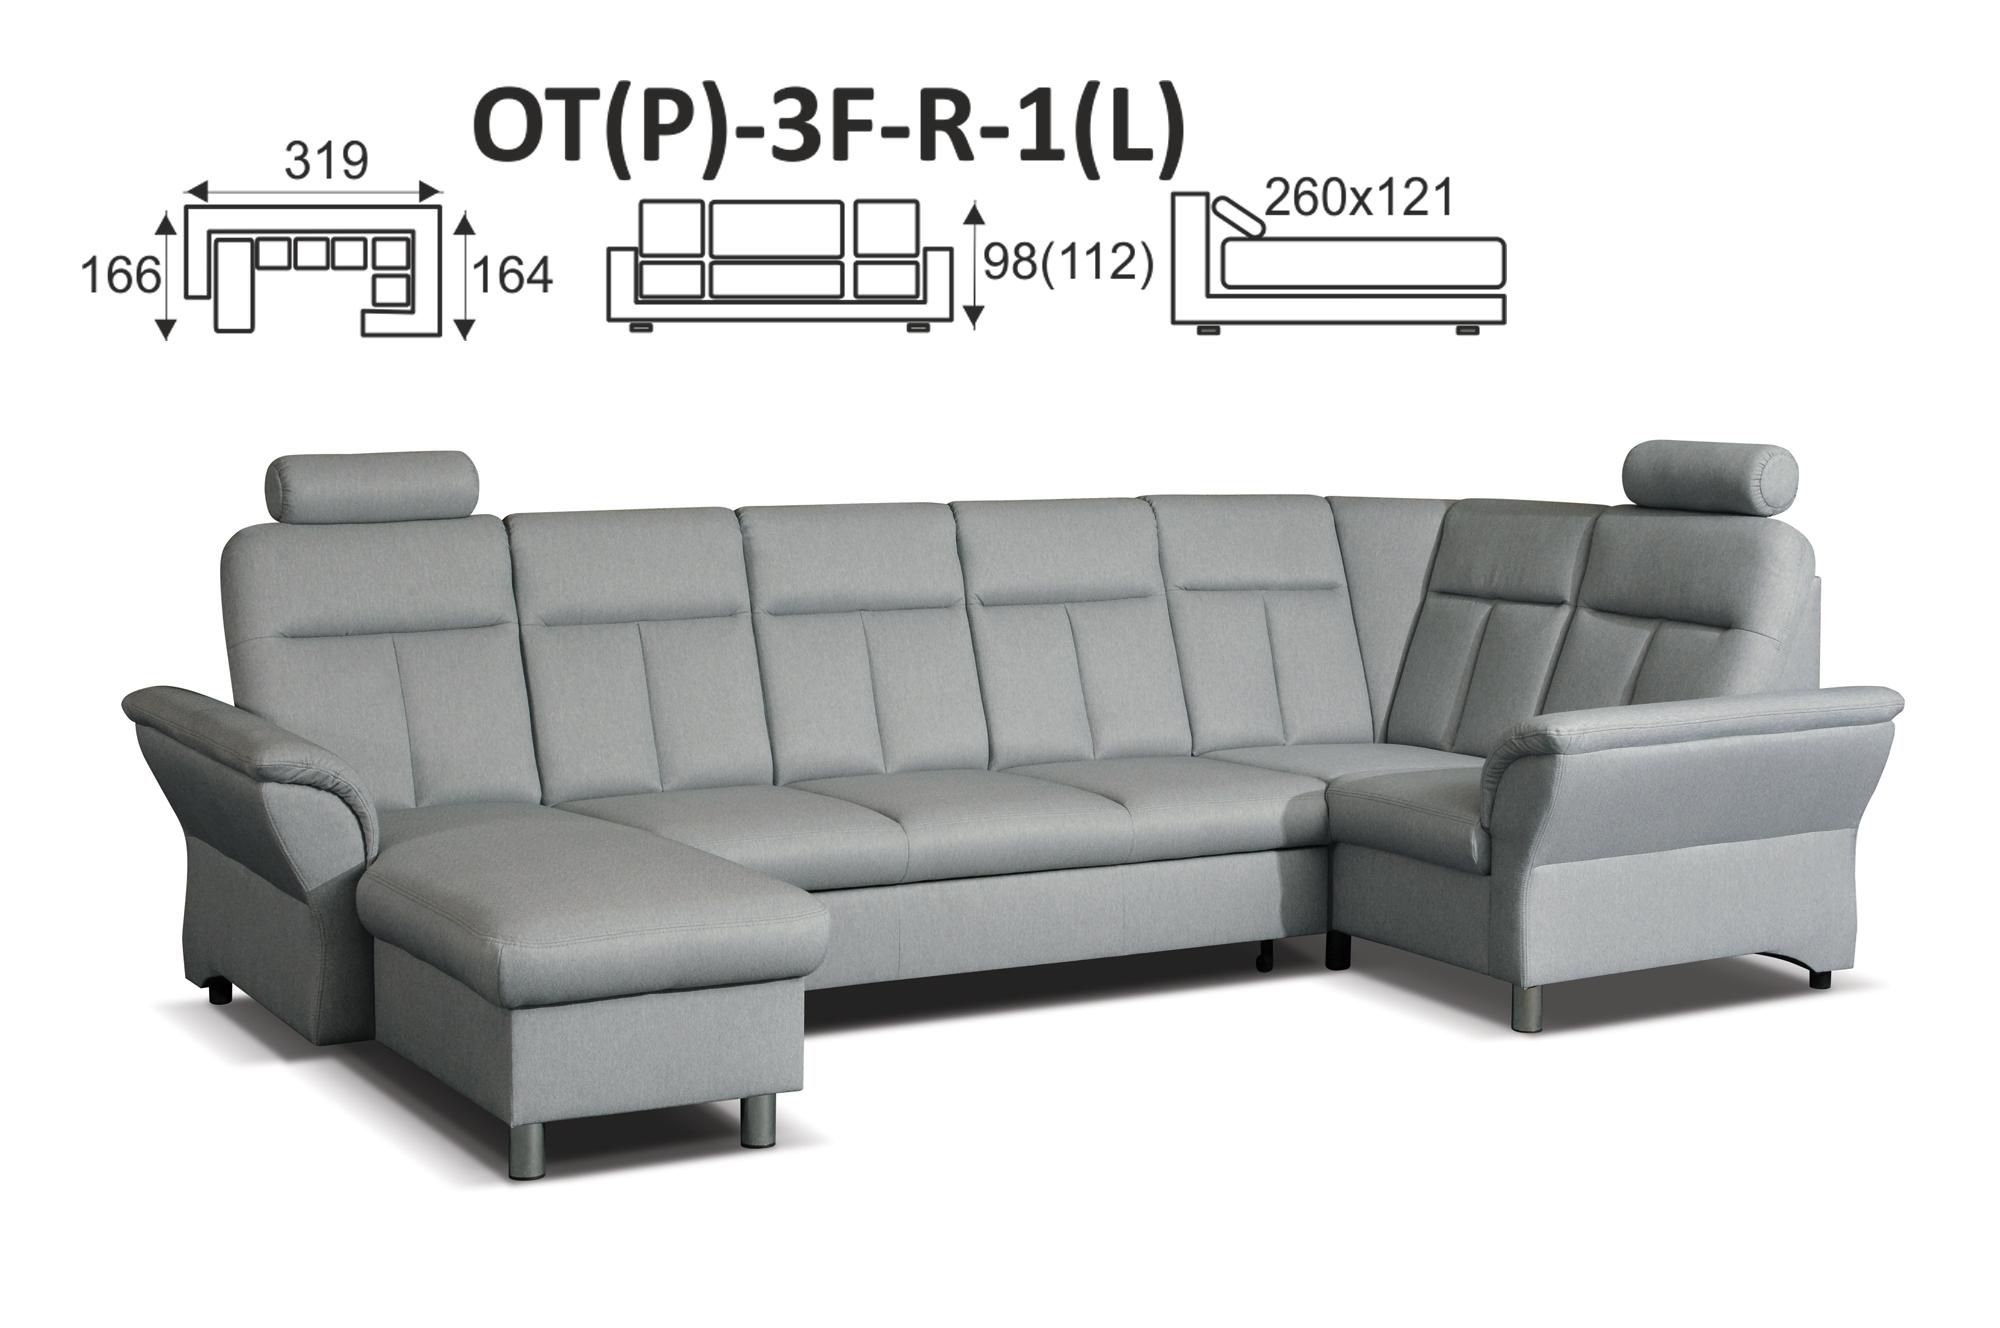 MEBTOR202 modulová sedací souprava